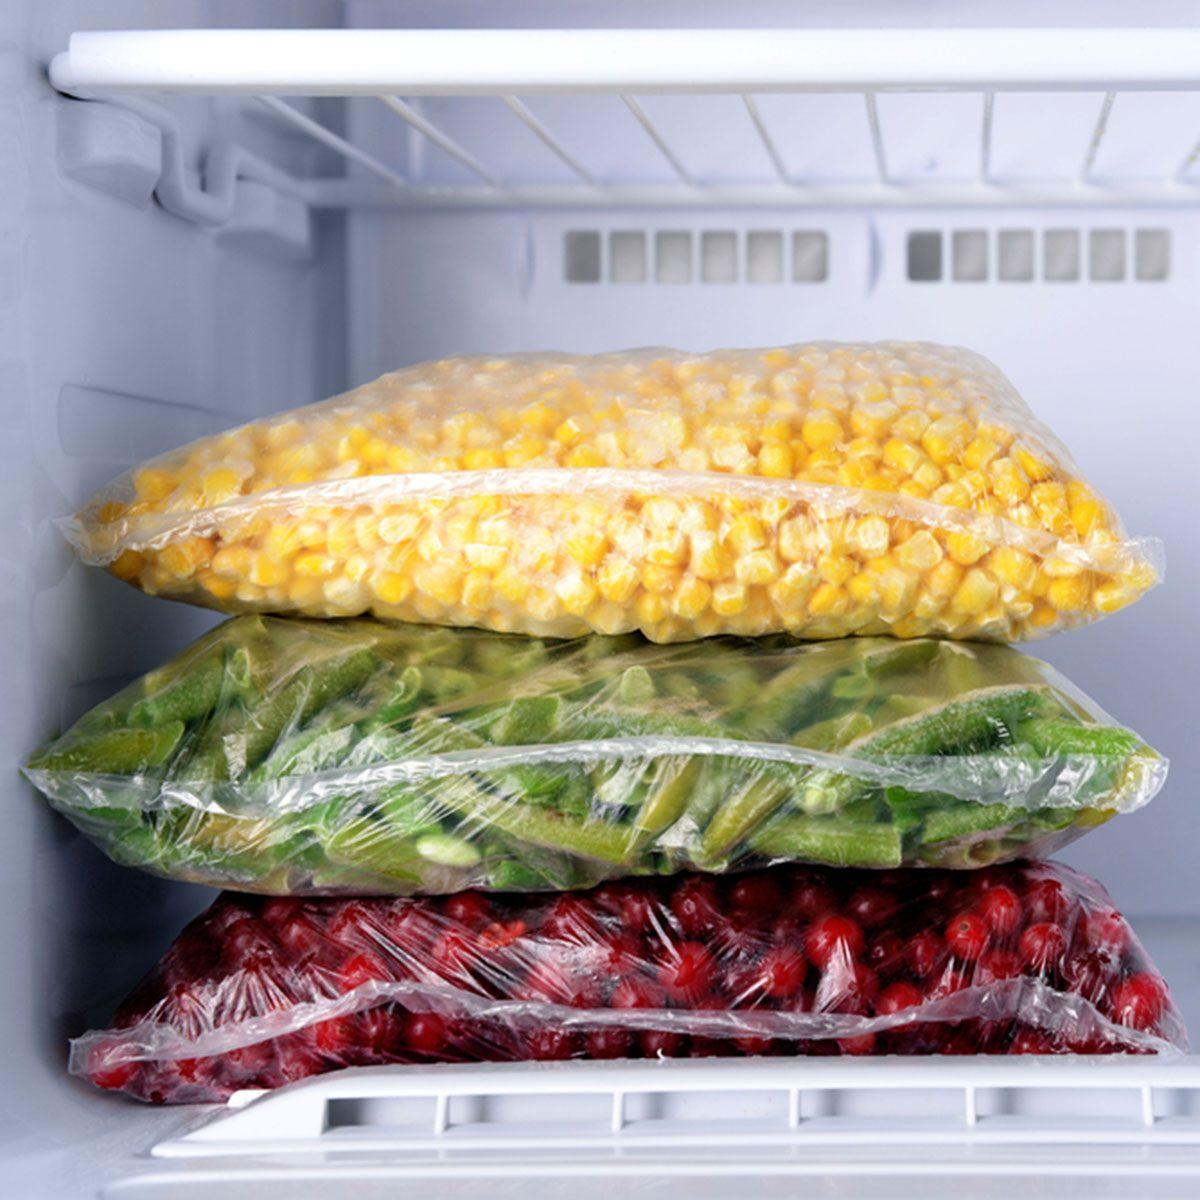 Frozen food in freezer